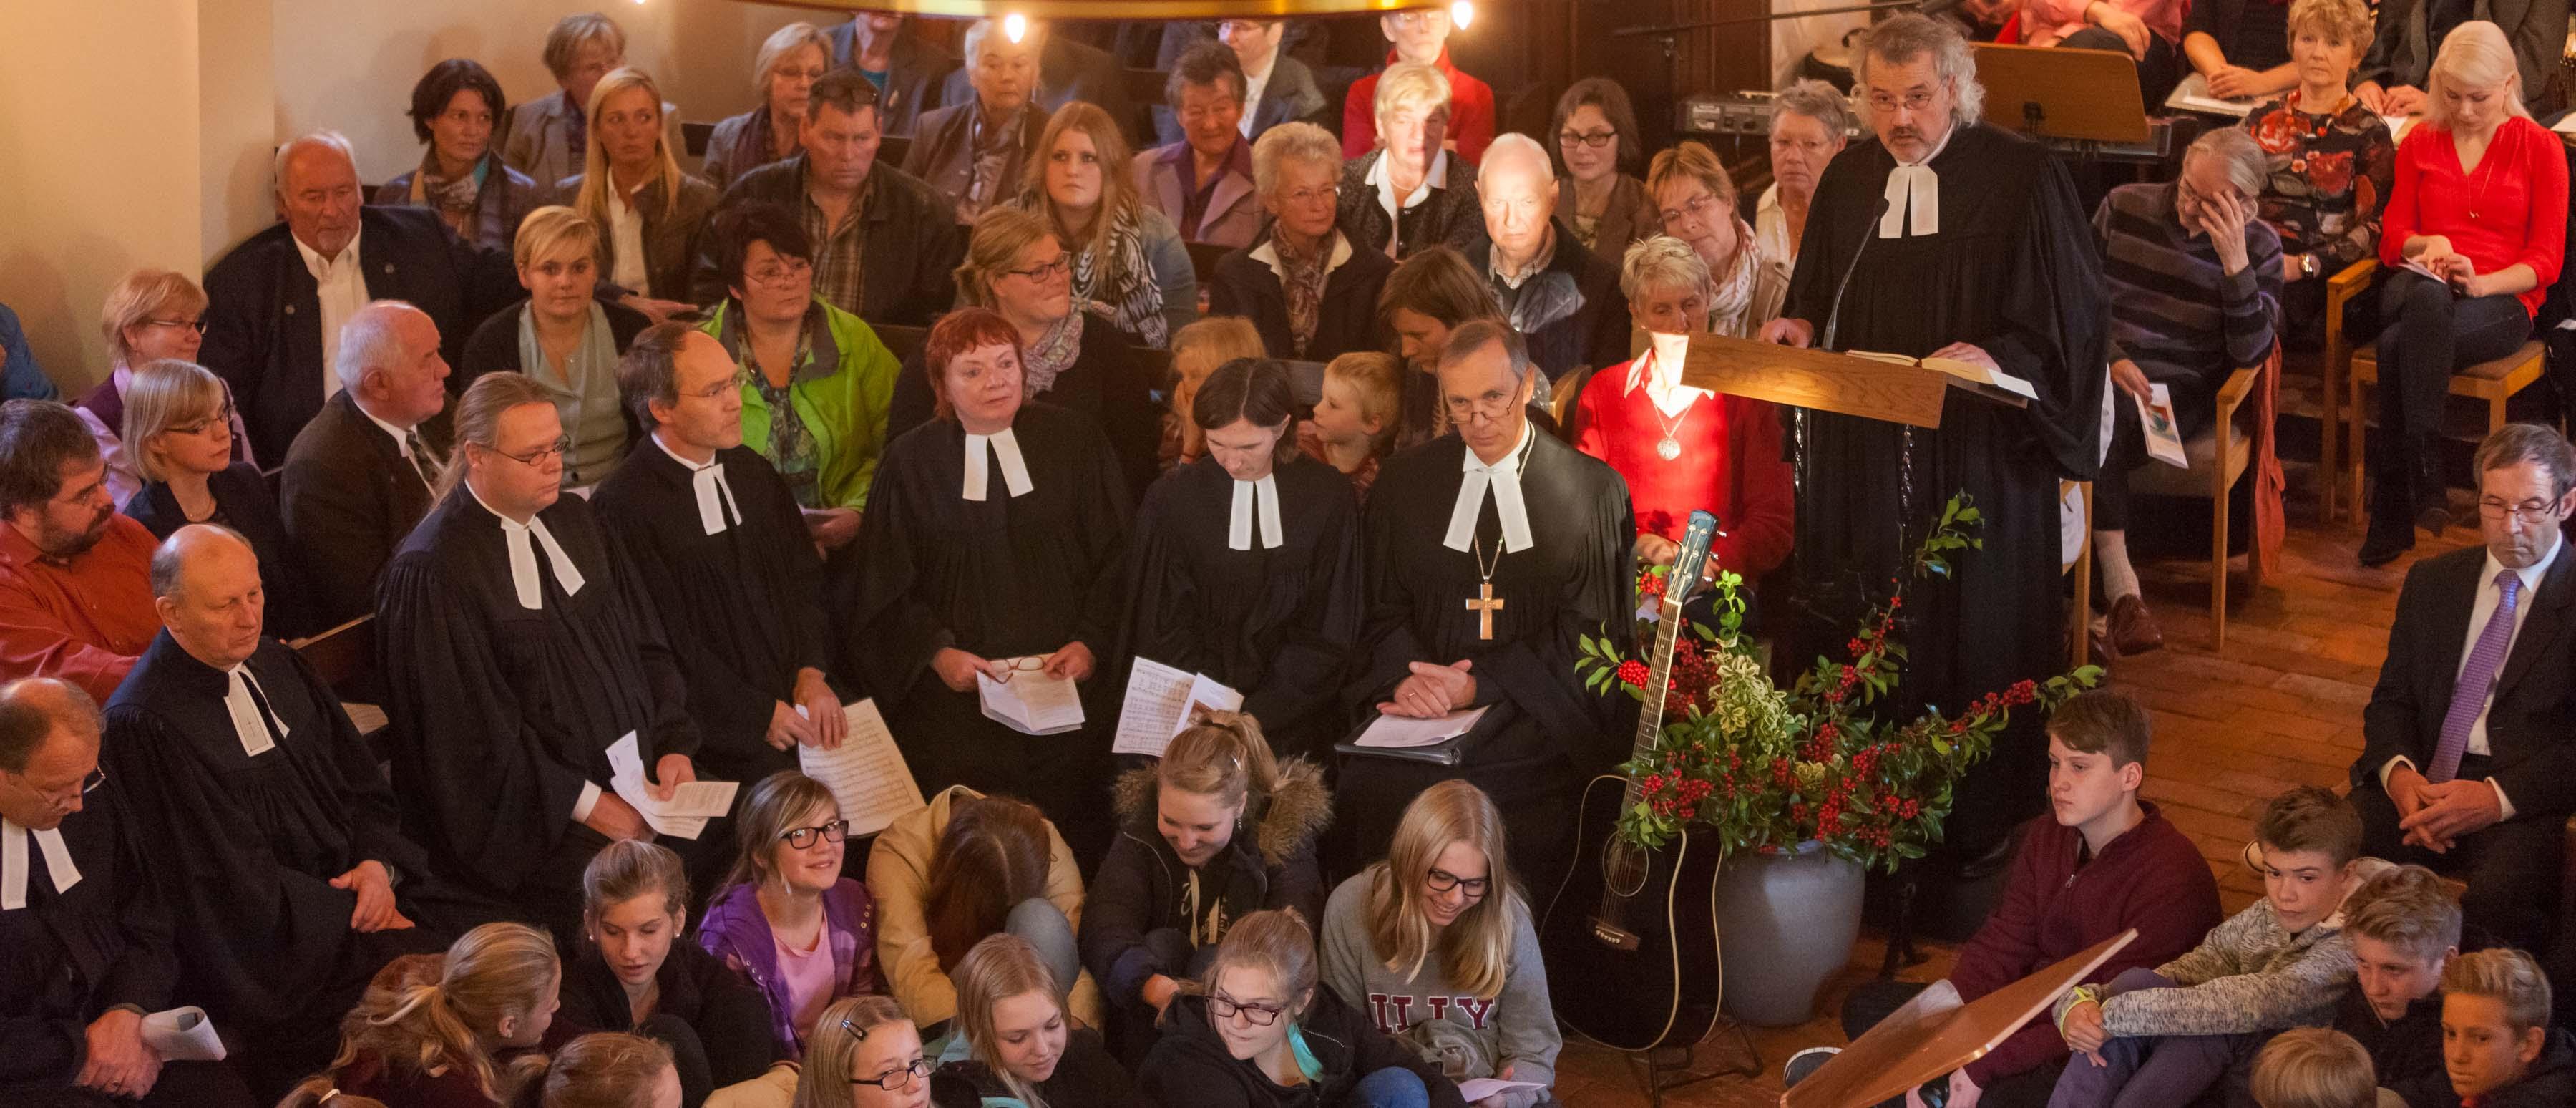 Bokhorst feierte Abschied. Gut 250 Leute waren gekommen, um Sonntag nach 25 Jahren ihren Pastor Erich Faehling zu verabschieden.